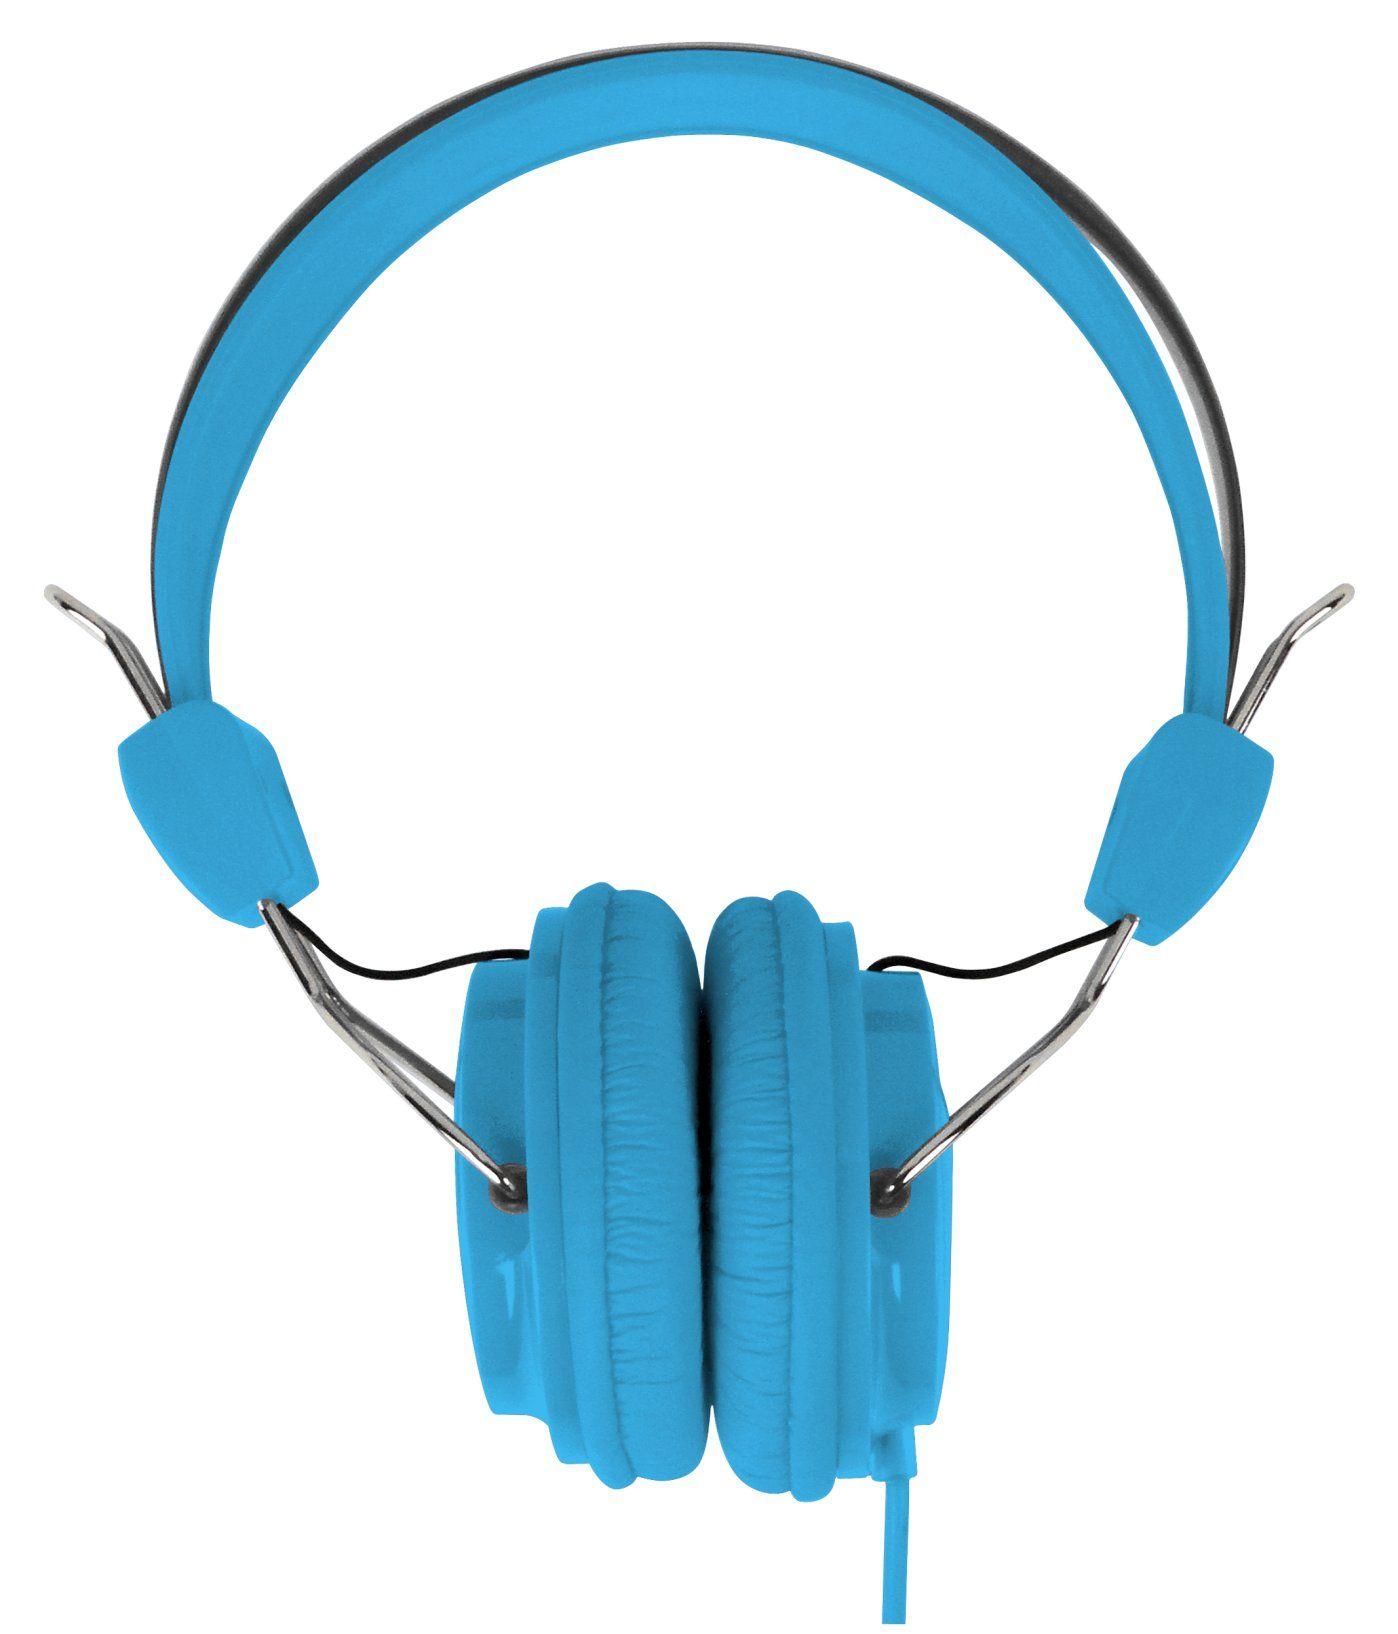 Laser Kids Headphones Kids headphones, In ear headphones